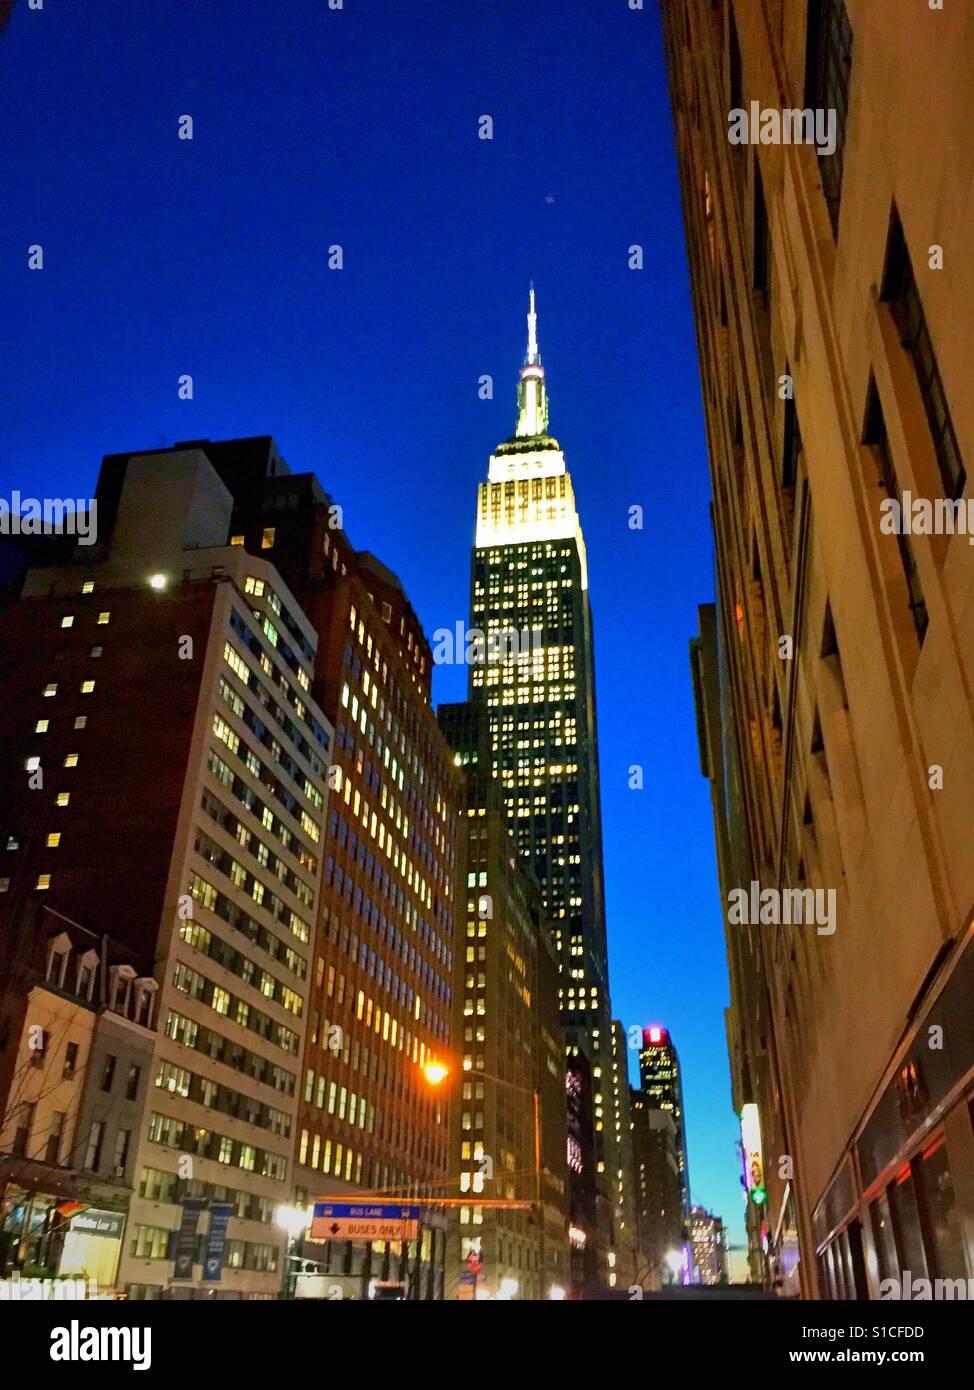 El edificio Empire State iluminado en luces blancas en la penumbra, en la ciudad de Nueva York, EE.UU. Imagen De Stock